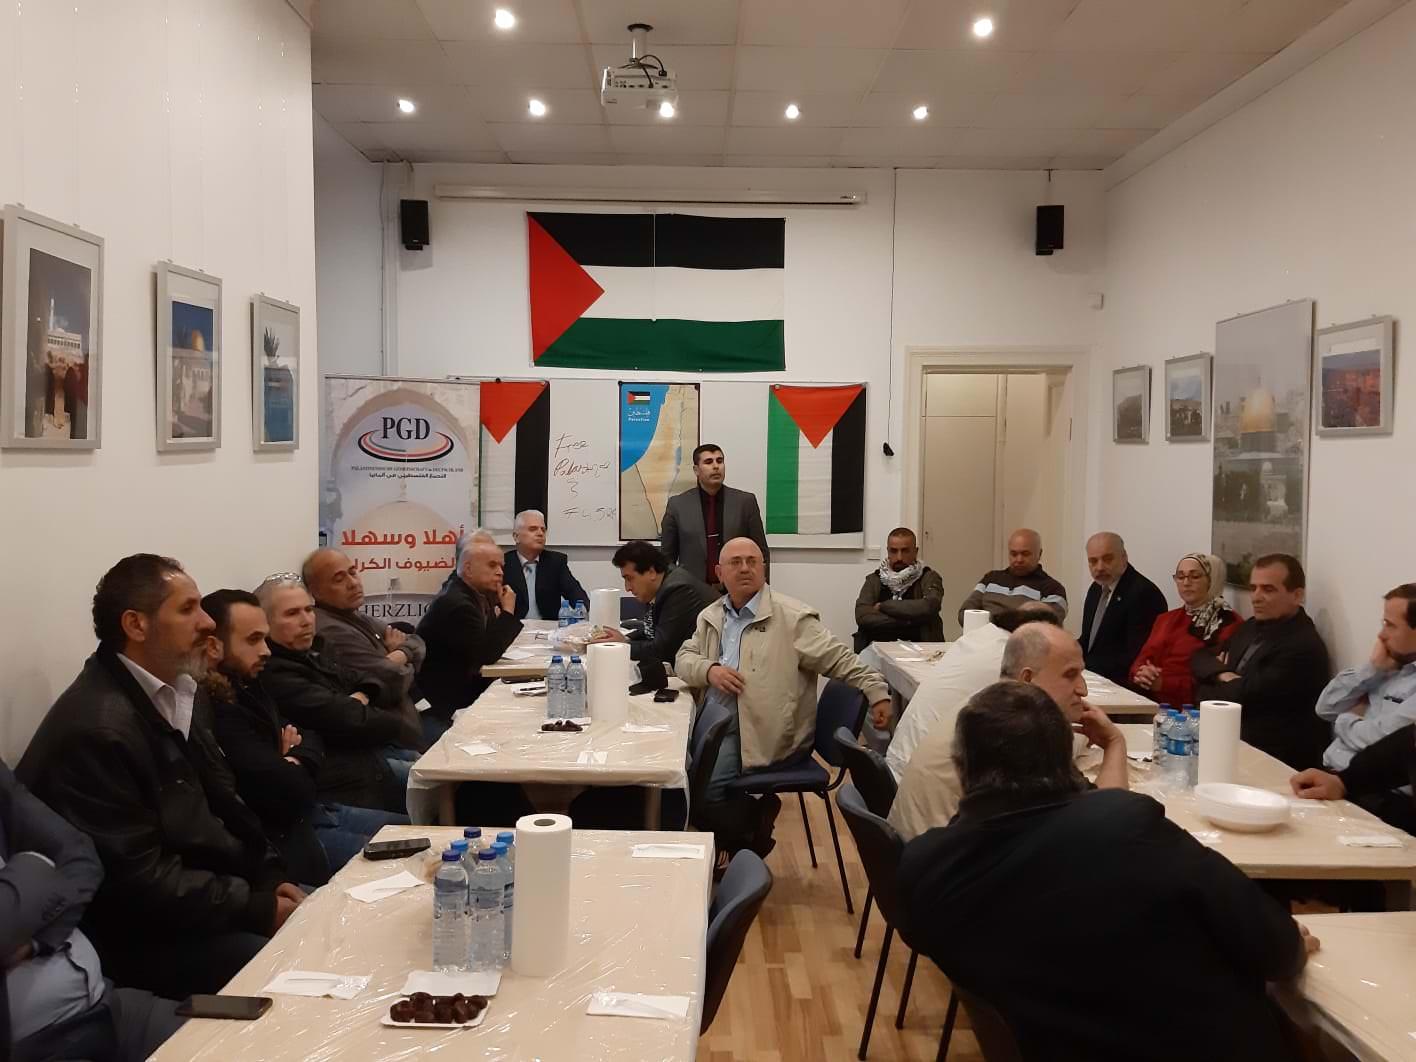 على هامش الإفطار الجماعي الّذي أقامه التجمع الفلسطيني في ألمانيا في مقرّه في برلين